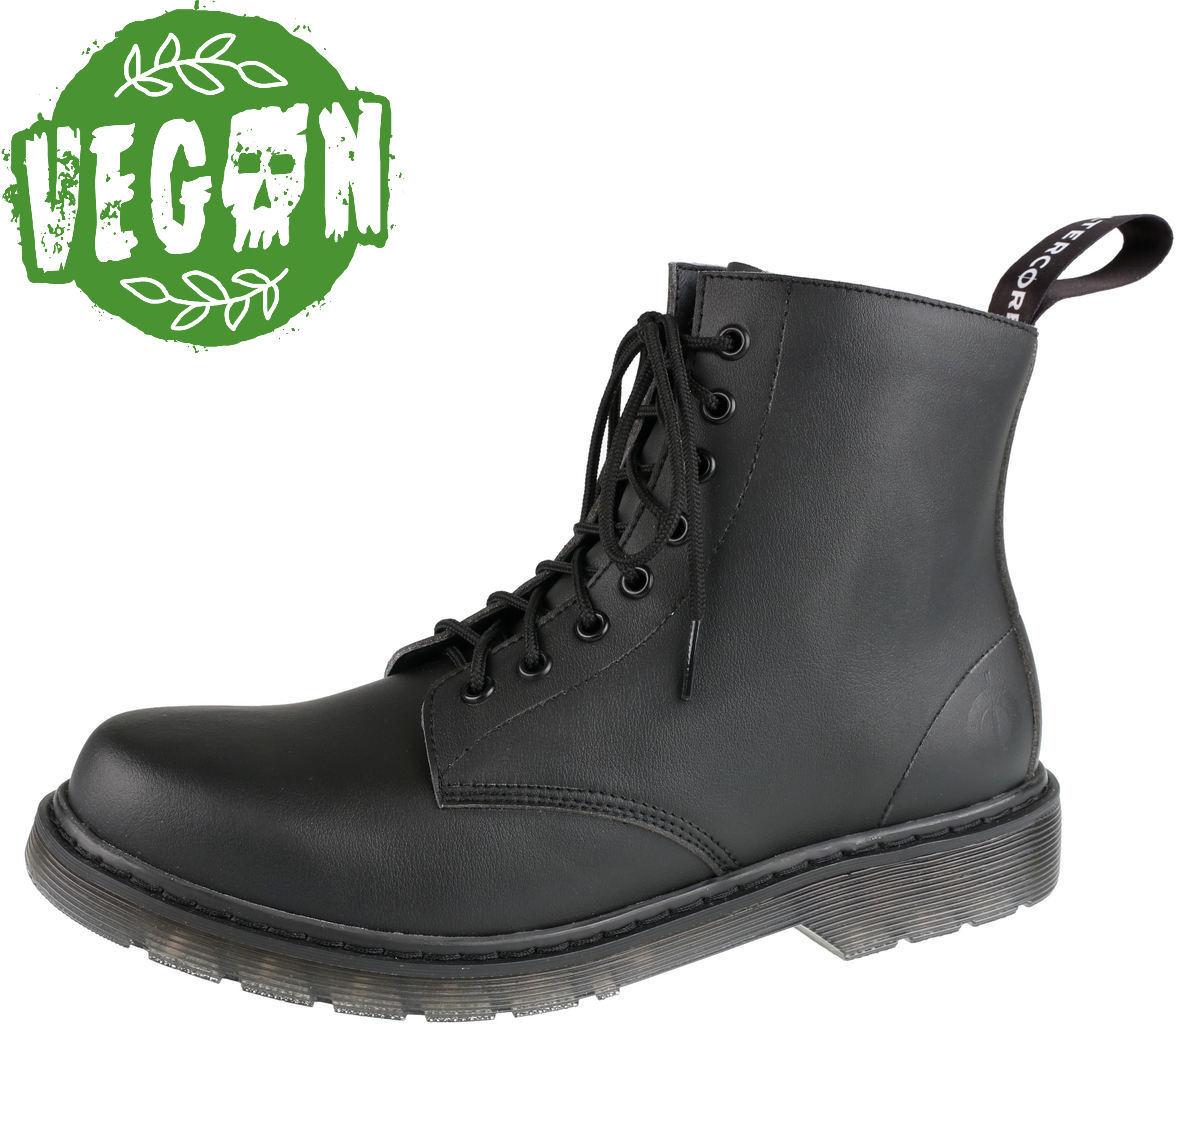 6b1d84963f1 boty 8 dírkové ALTERCORE - Vegetarian - Black - 651 - metalshop.cz